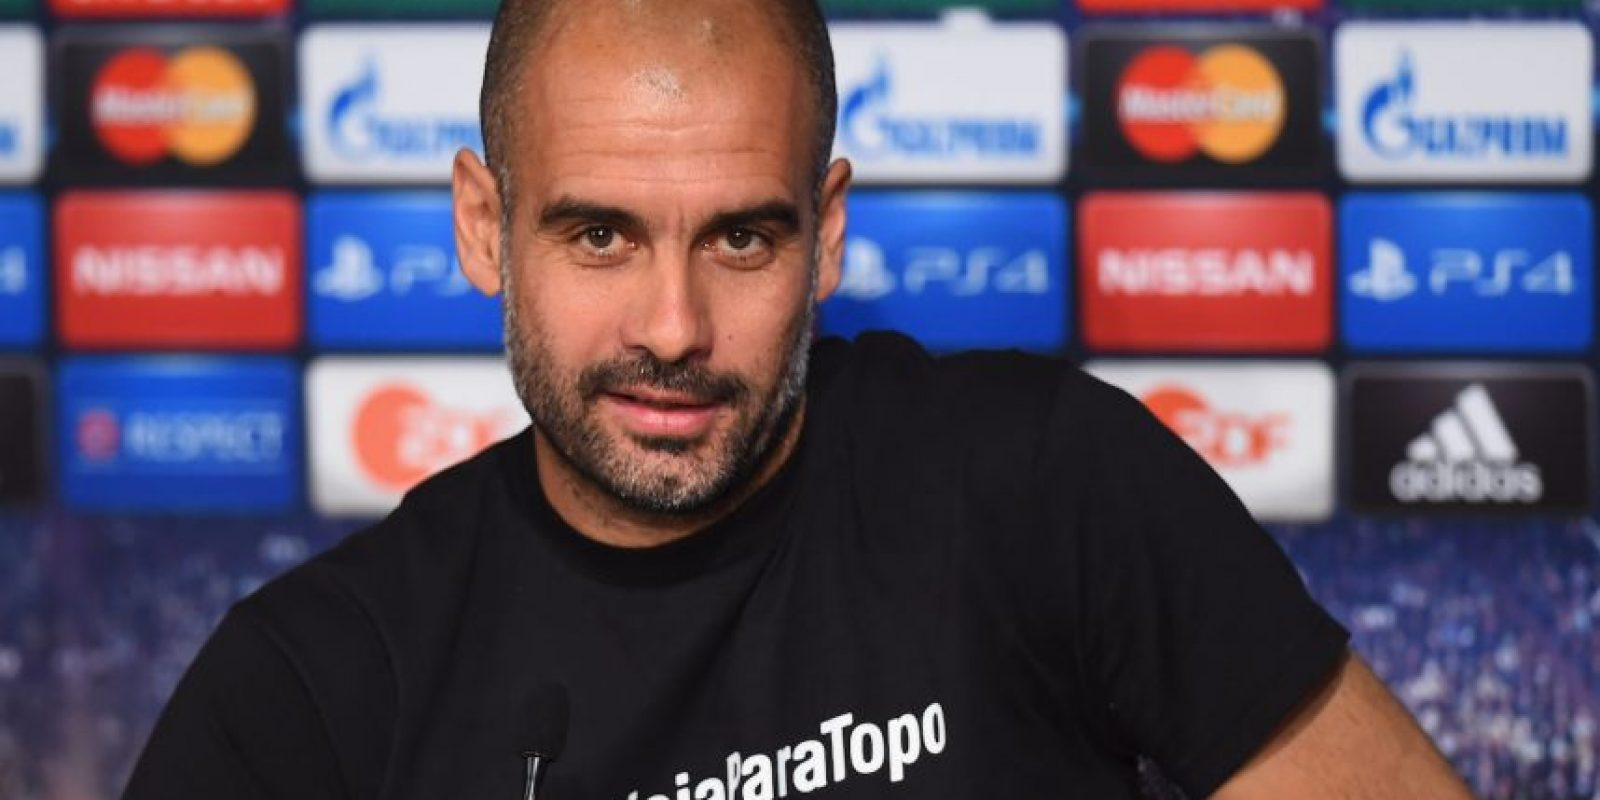 """Se trata de Jorge López, conocido como """"Topo"""", quien cubrió la Copa del Mundo para La Red, diario Olé y Sport de España. Foto:Getty Images"""